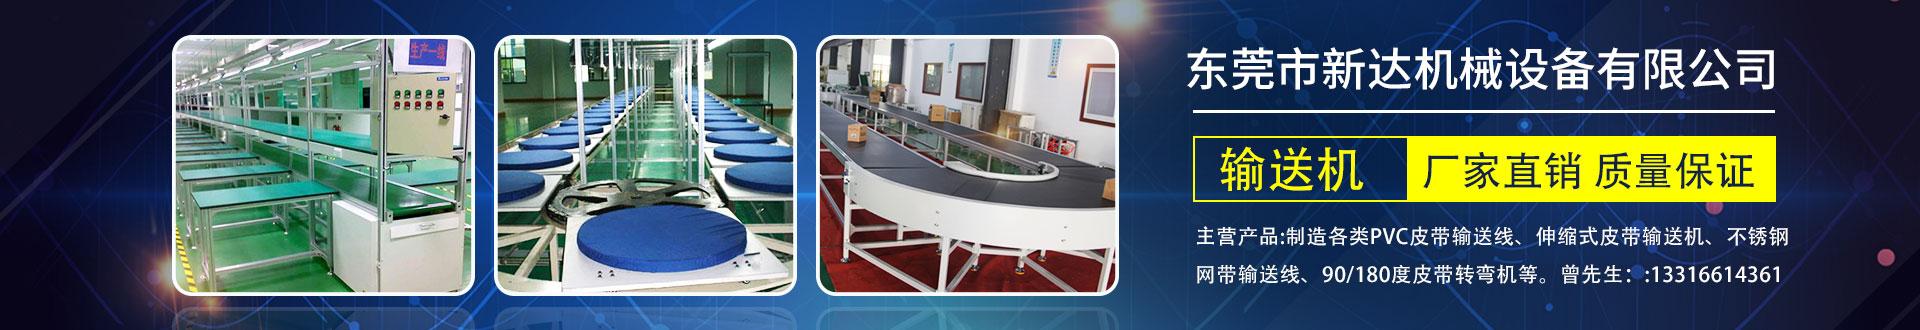 东莞市新达机械设备有限公司